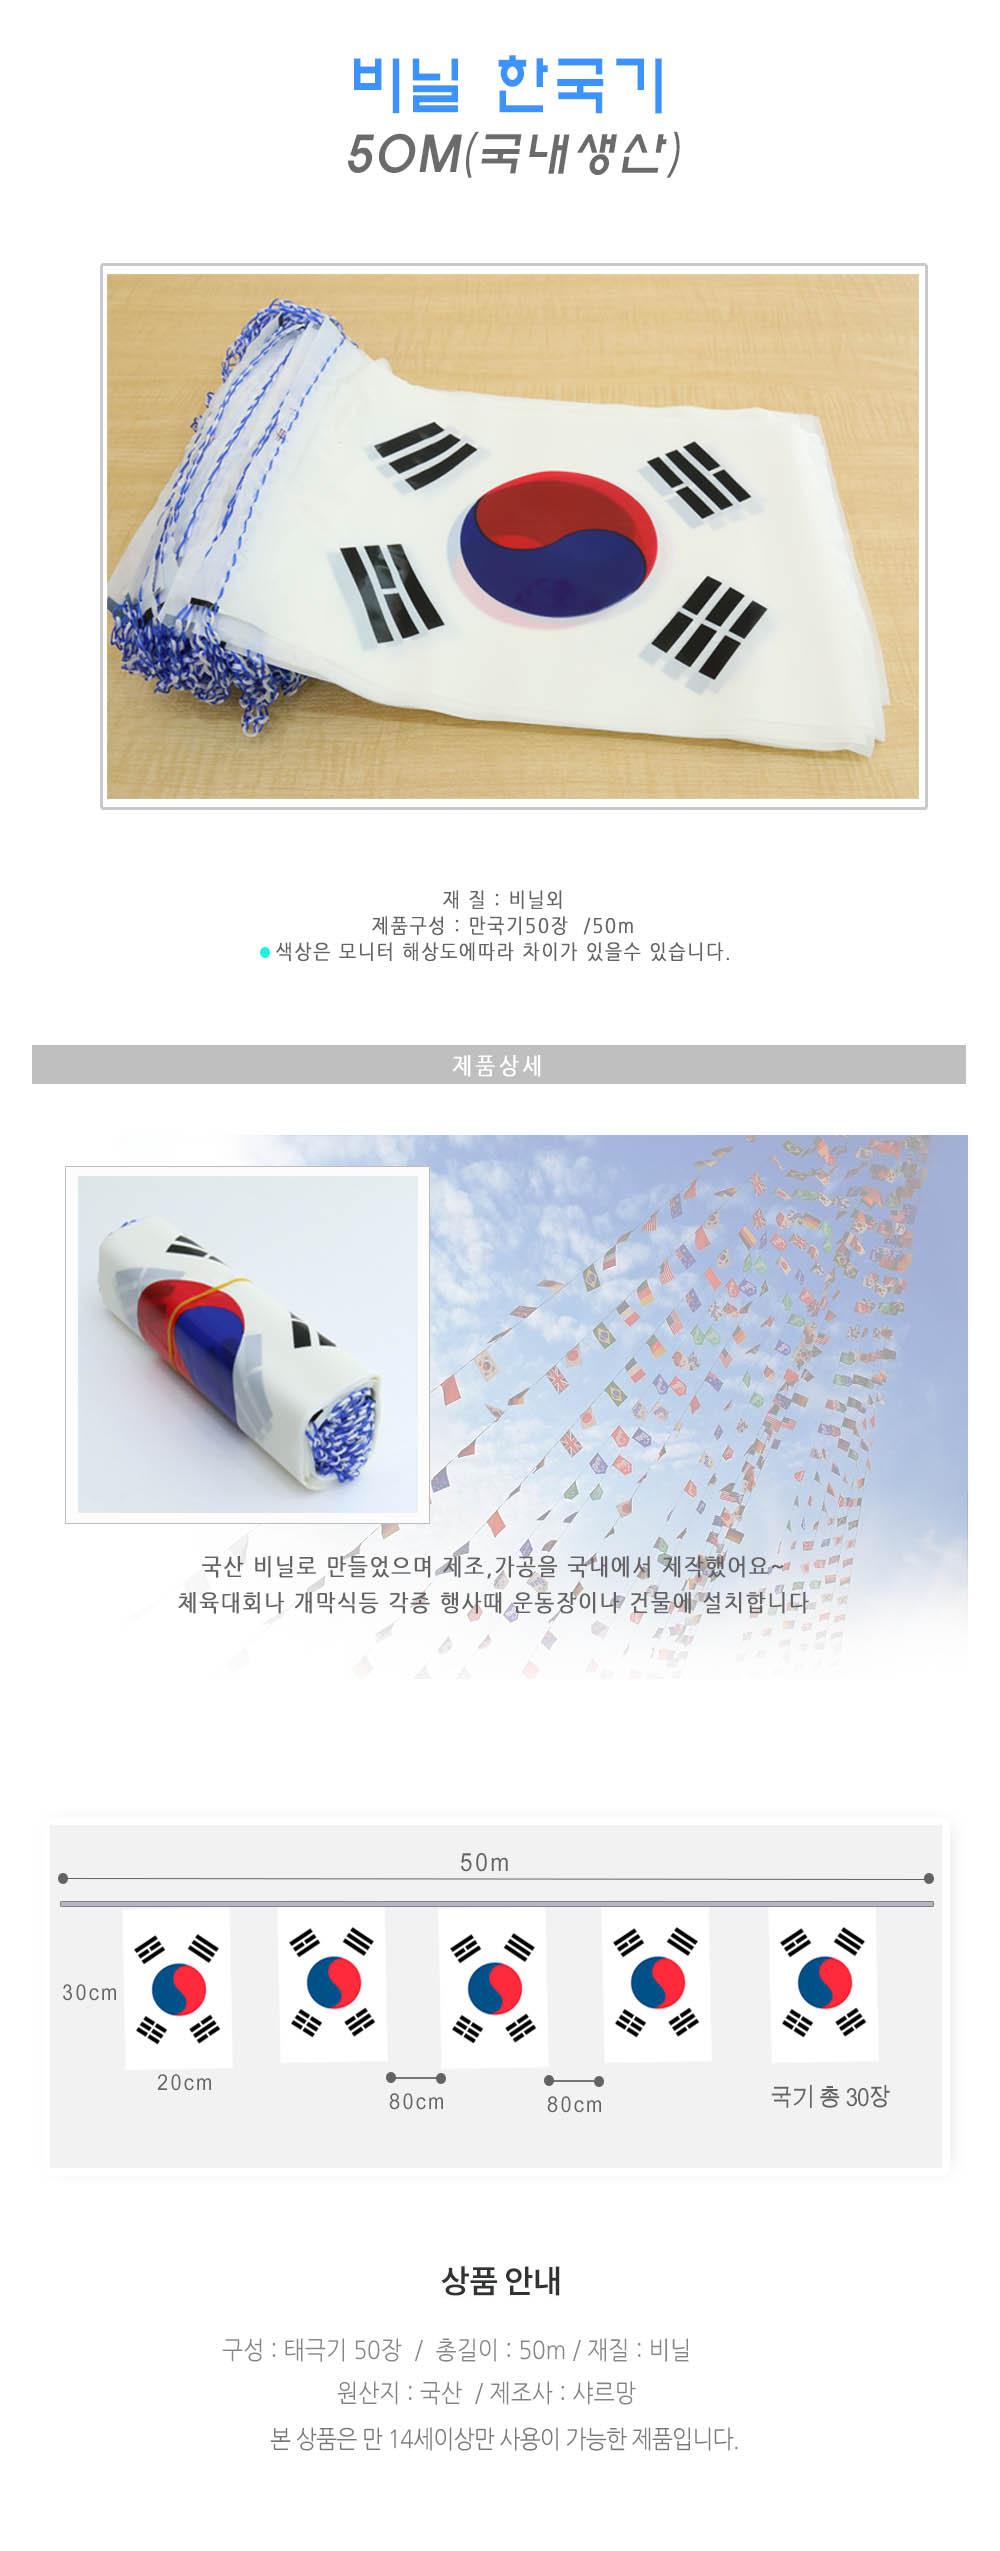 국산 비닐한국기(50M) - 파티클럽, 4,620원, 파티용품, 할로윈 파티